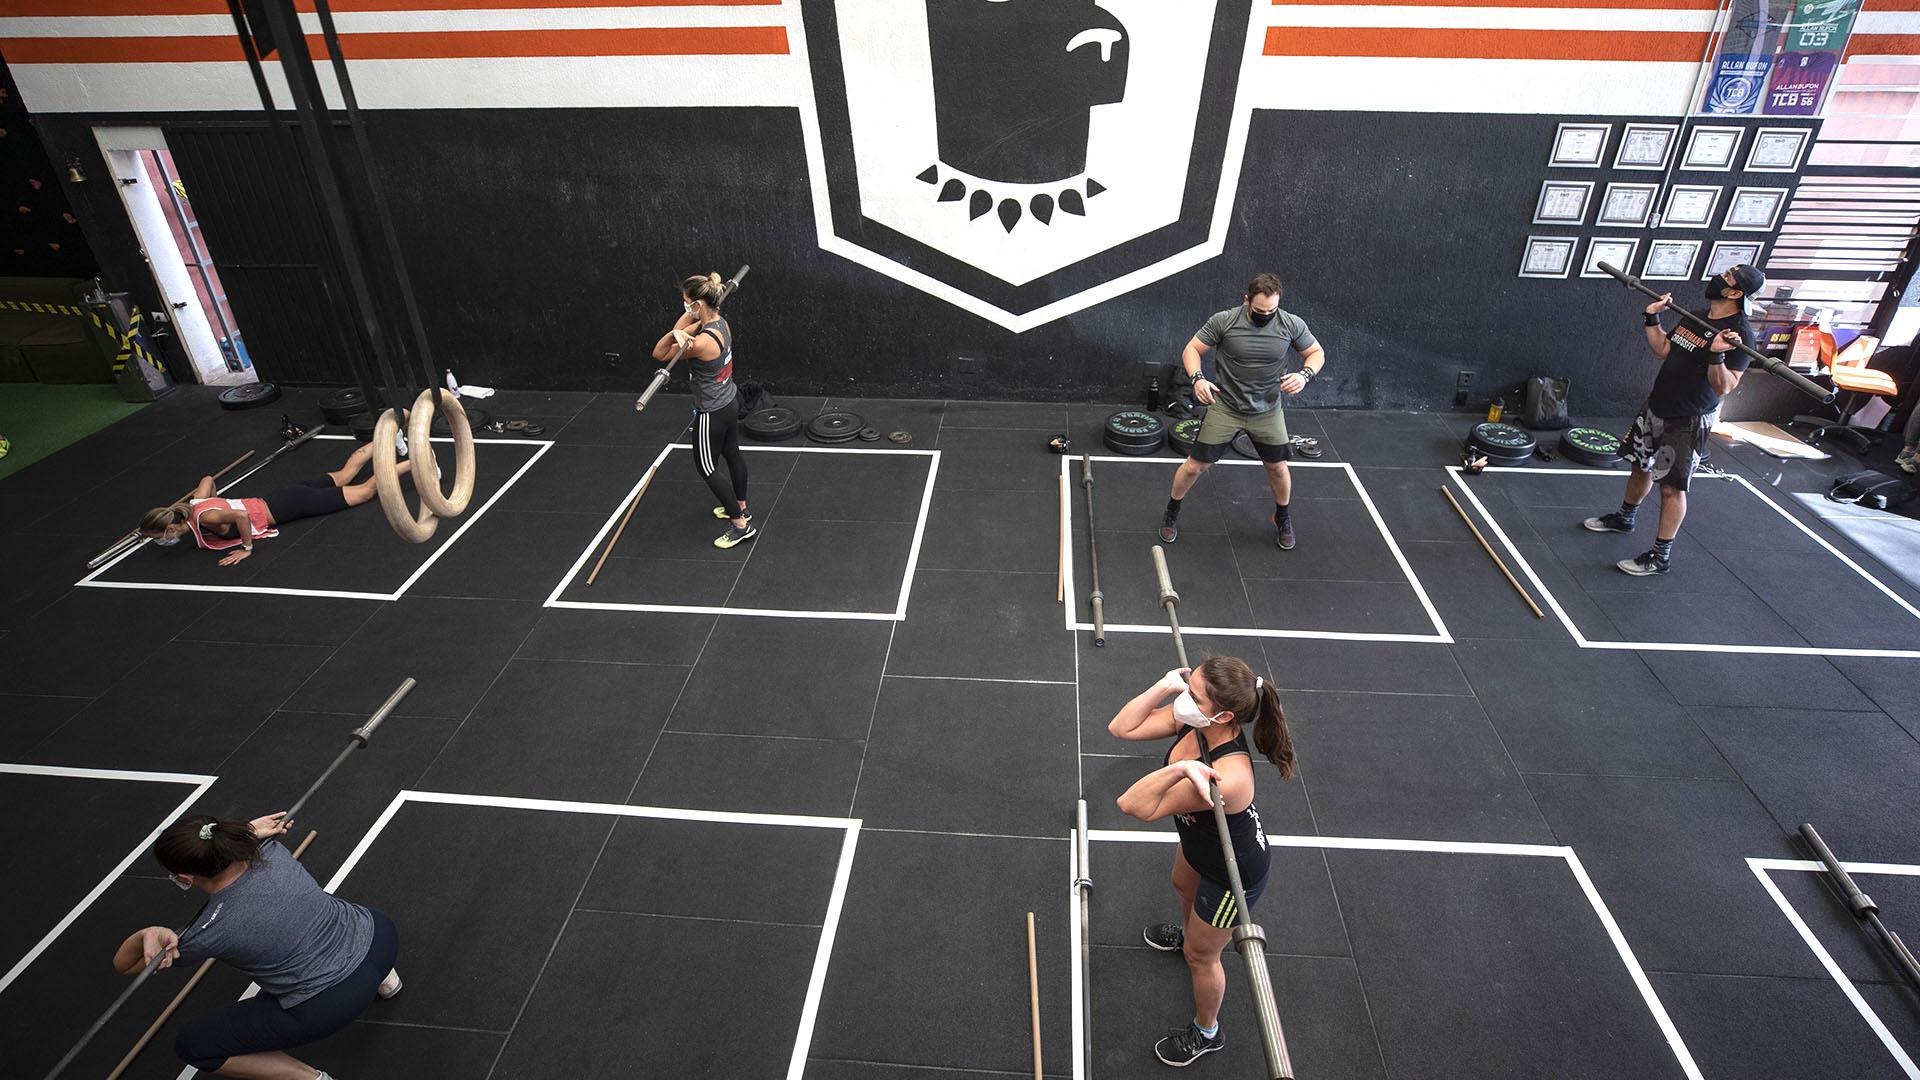 Los gimnasios deben cumplir con estrictos protocolos (AP/Andre Penner)